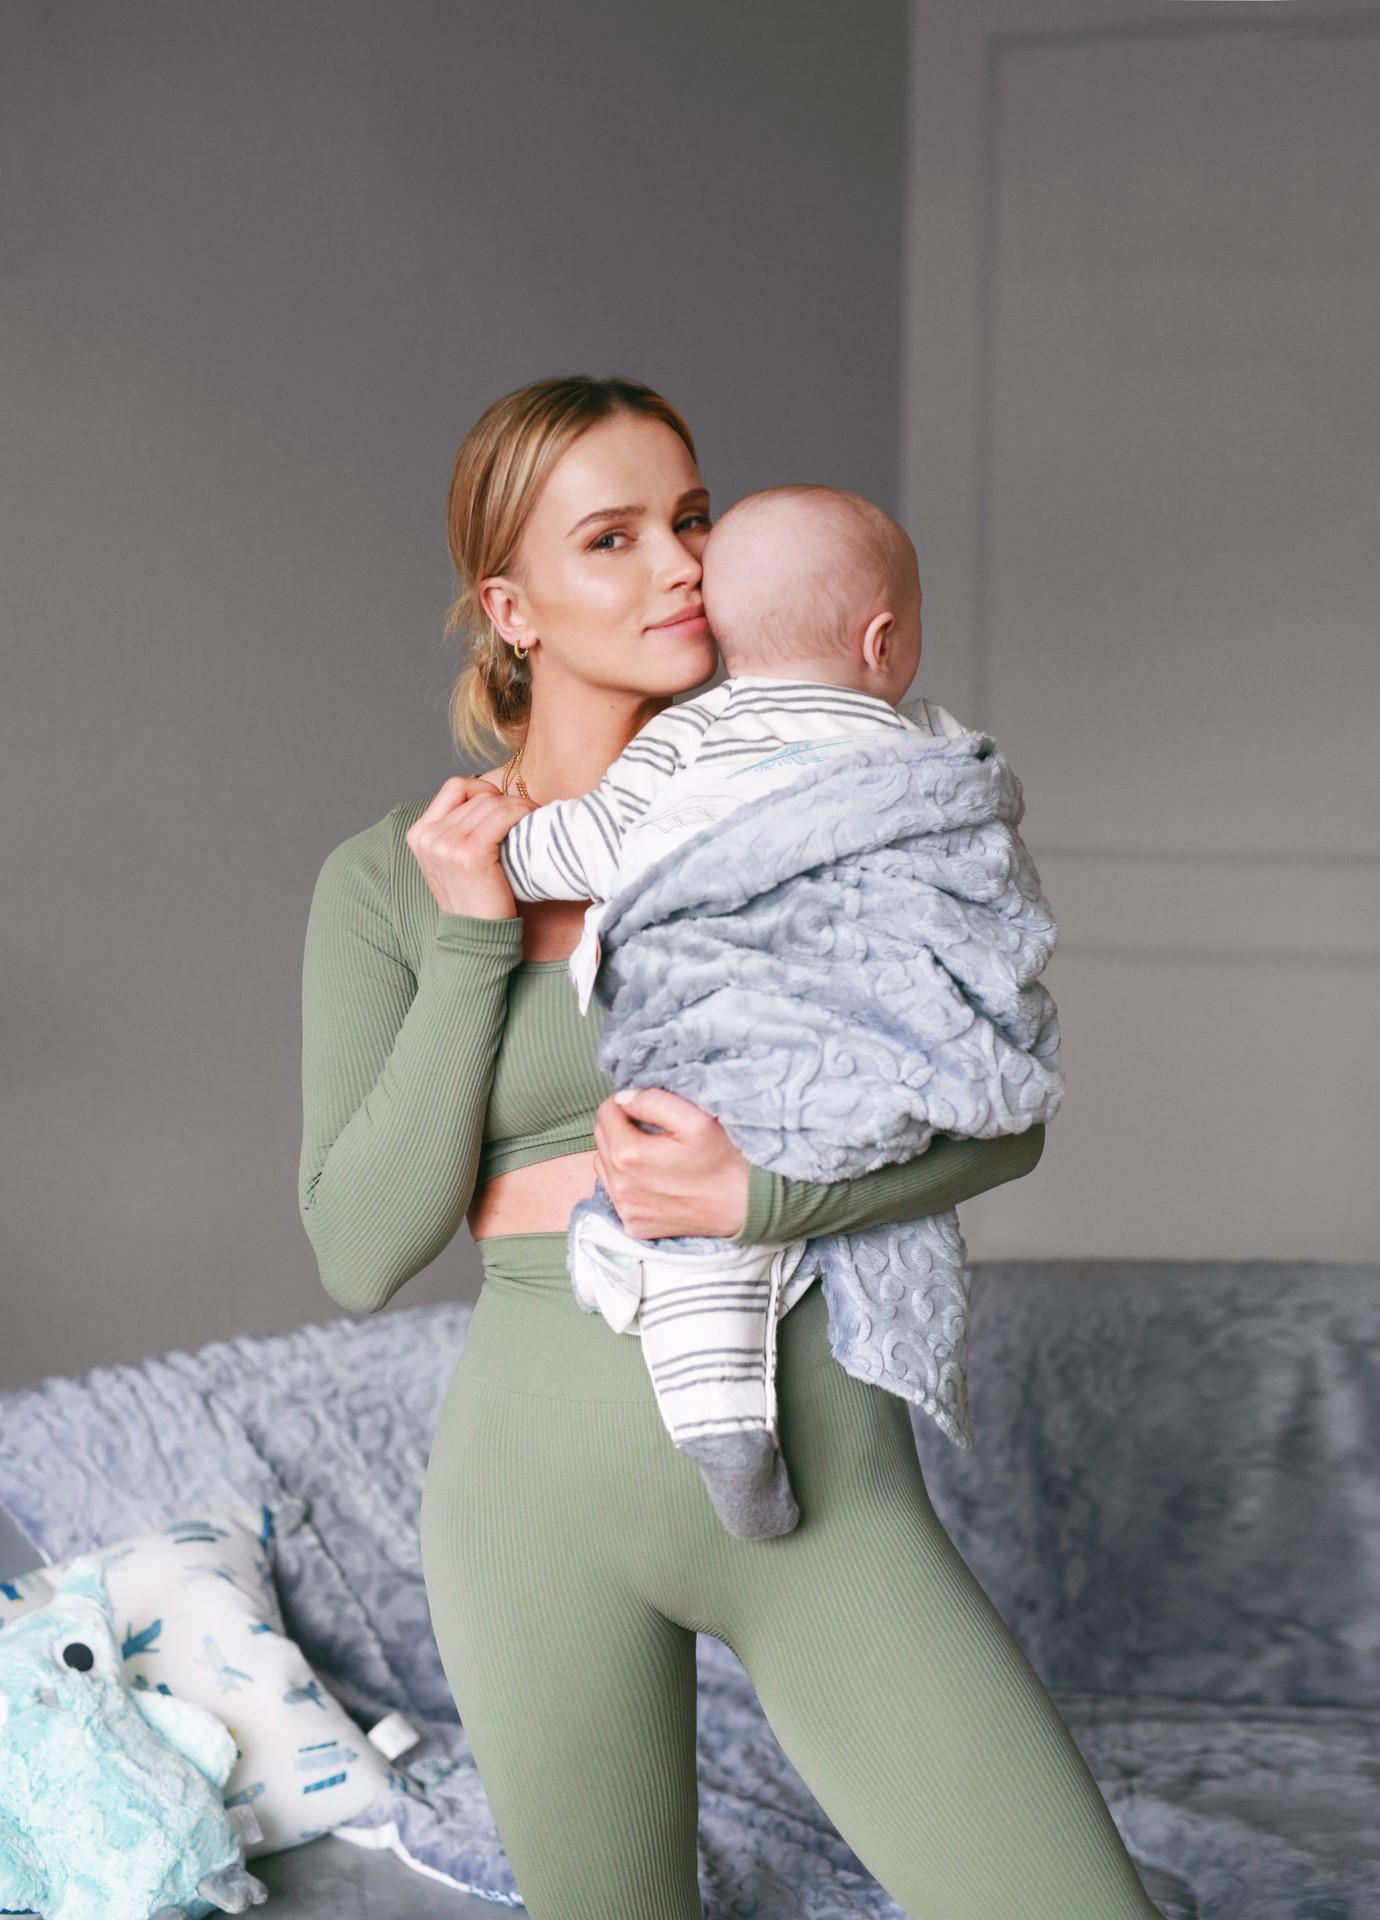 Julia Kuczyńska w kampanii reklamowej z synem, fot. materiały prasowe